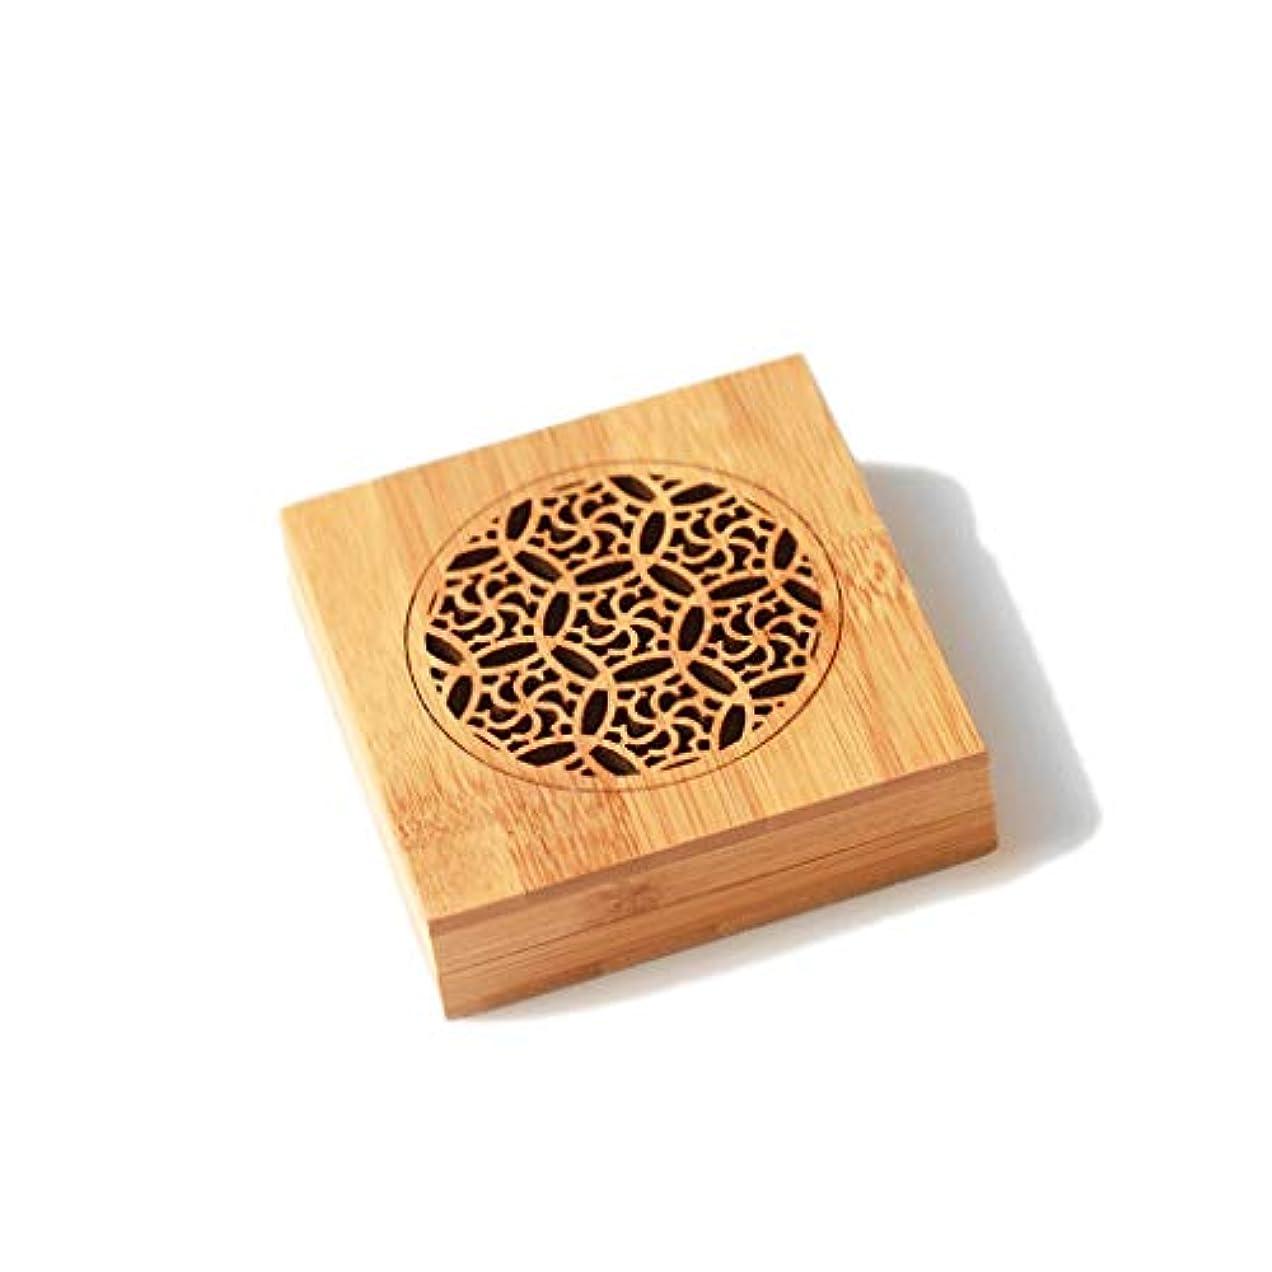 明るくするジェット混合した竹の香バーナーコイルの香バーナー部屋の装飾瞑想竹の香り天然素材香ホルダー 芳香器?アロマバーナー (Color : WOOD, サイズ : Square)